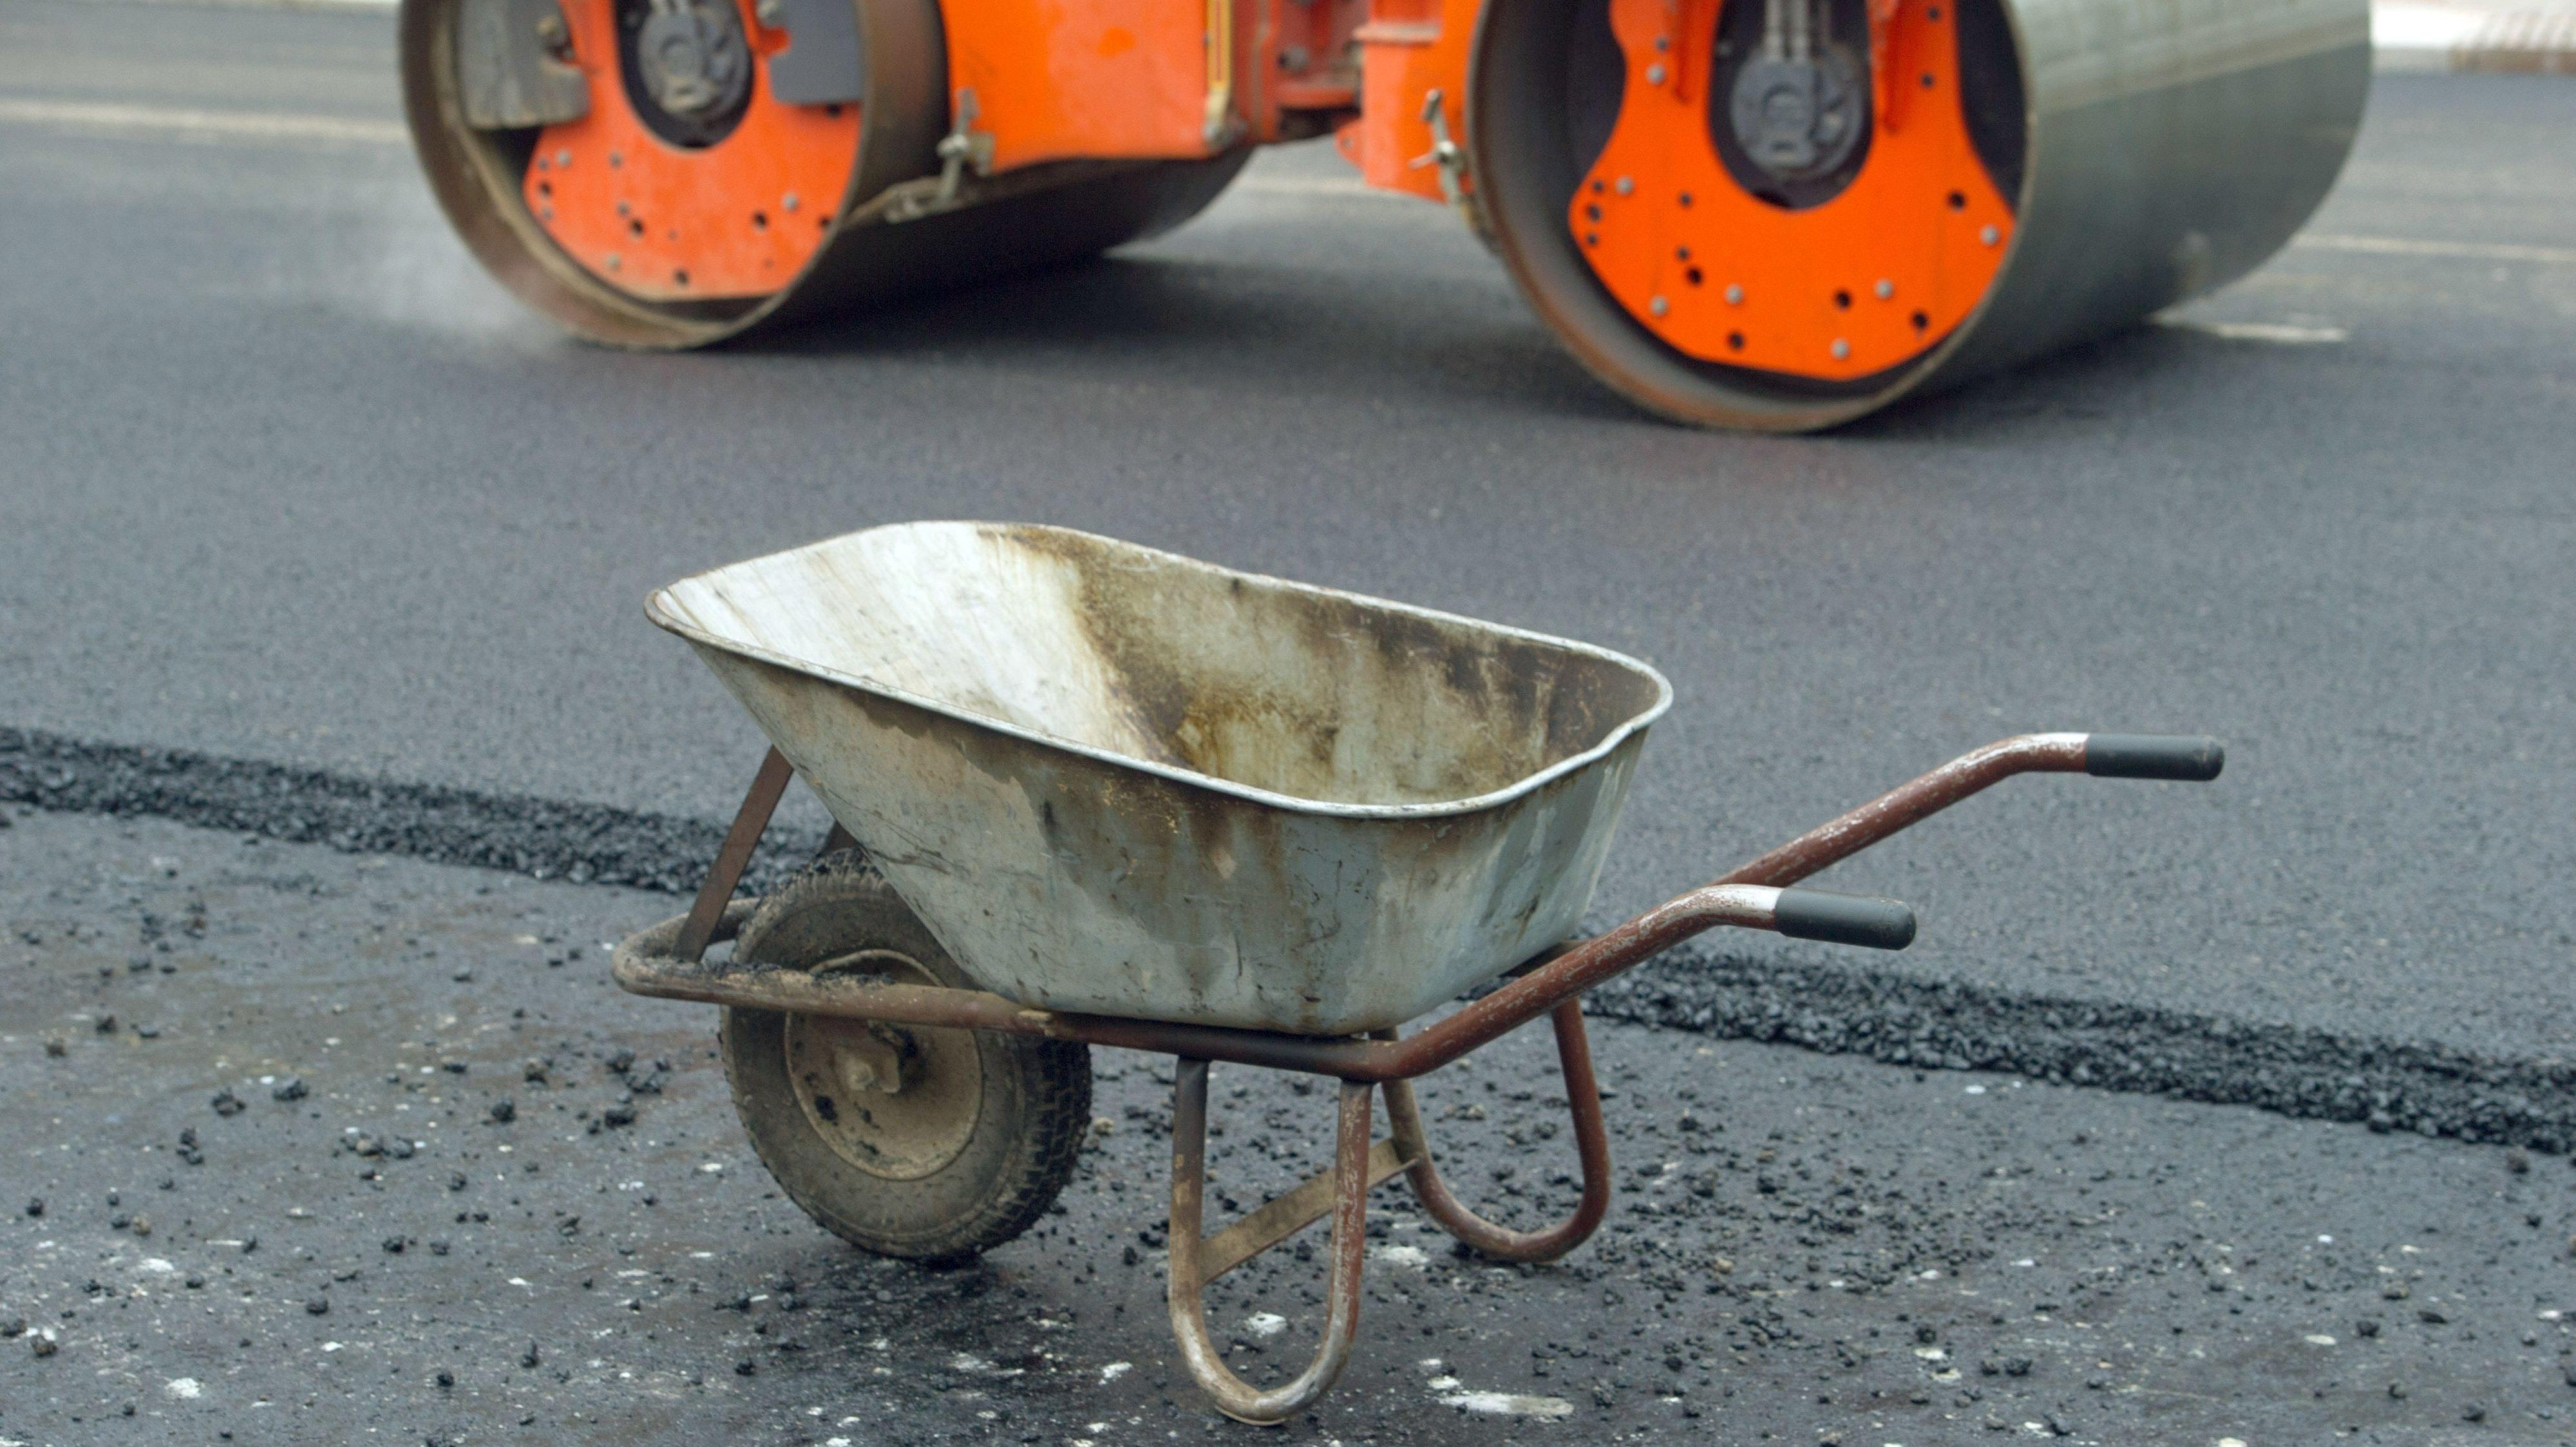 Toller Gegenwert oder einfach nur ungerecht? Über die Straßenausbaubeiträge soll nun auch in Holdorf diskutiert werden. Foto: dpa